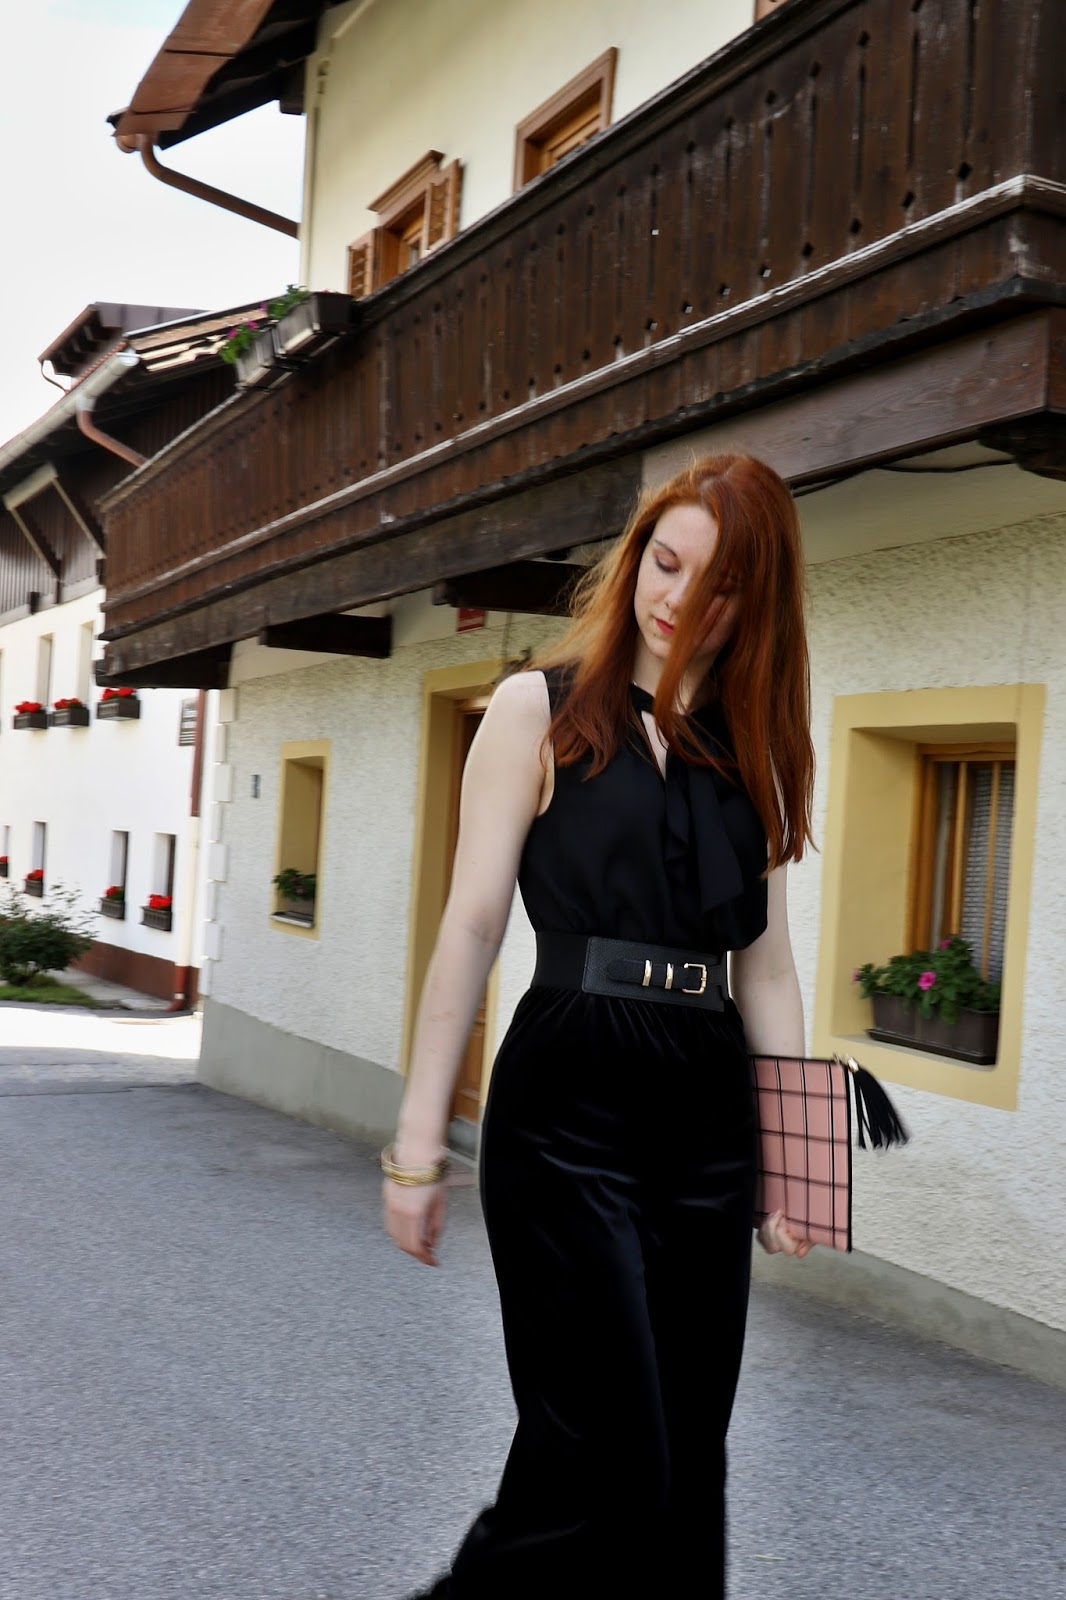 style without limits, lucie srbová, lucka srbová, cosmopolitan